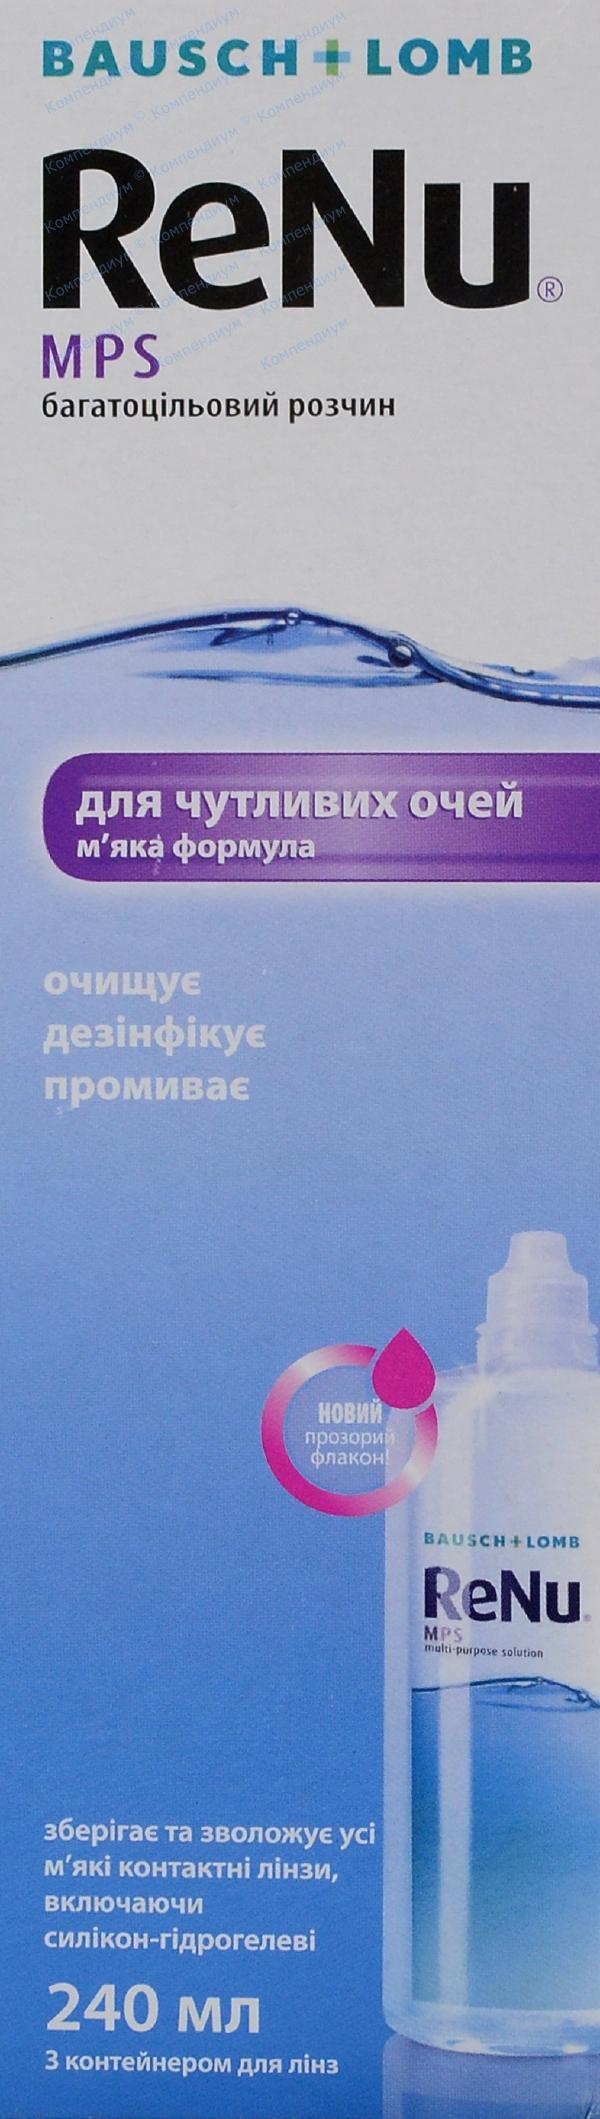 Многоцелевой р-р renu mps р-р фл. 240 мл